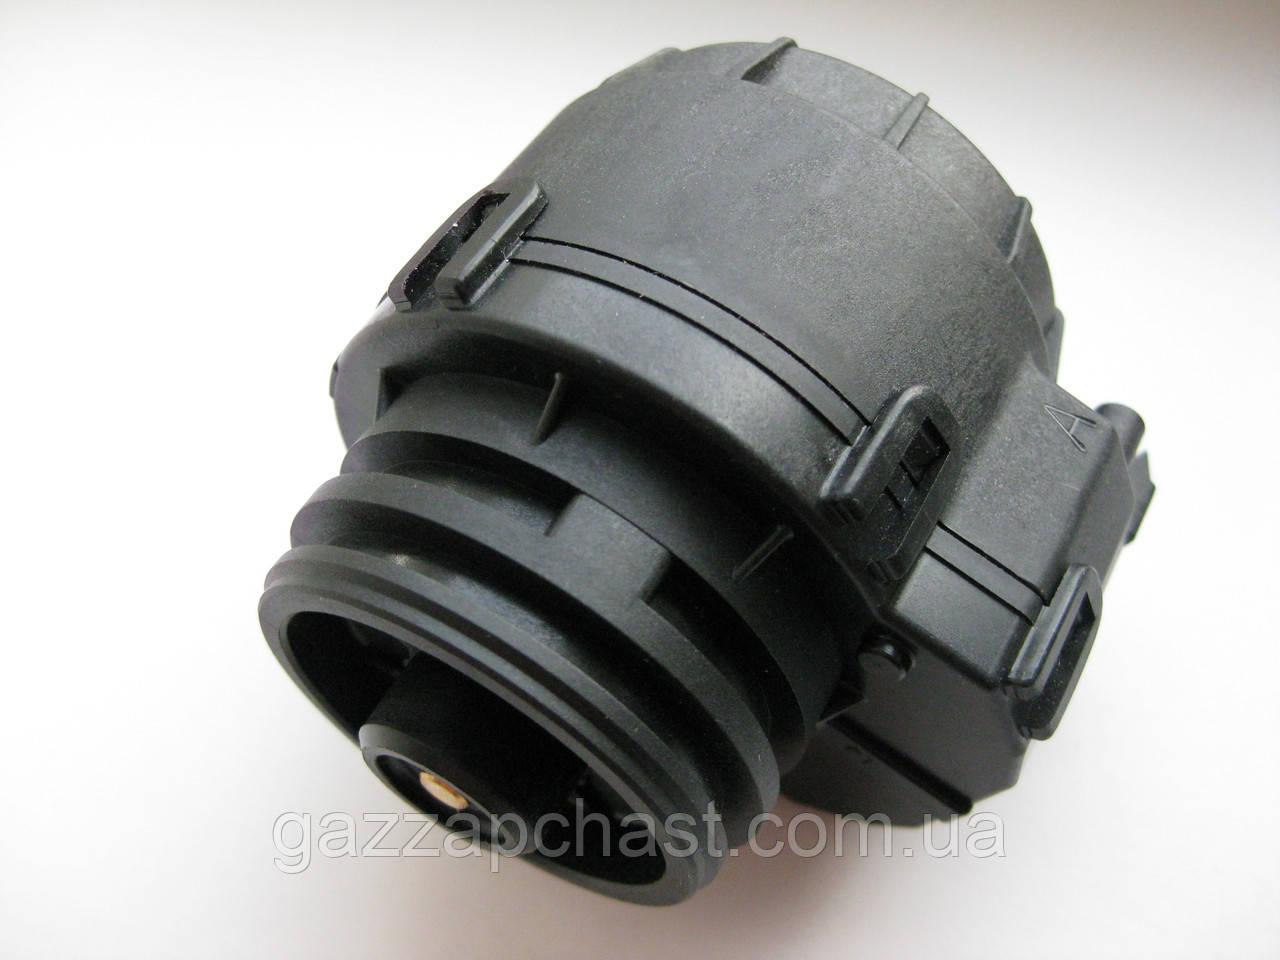 Сервопривод трехходового клапана Beretta City (20017594; 31600008)